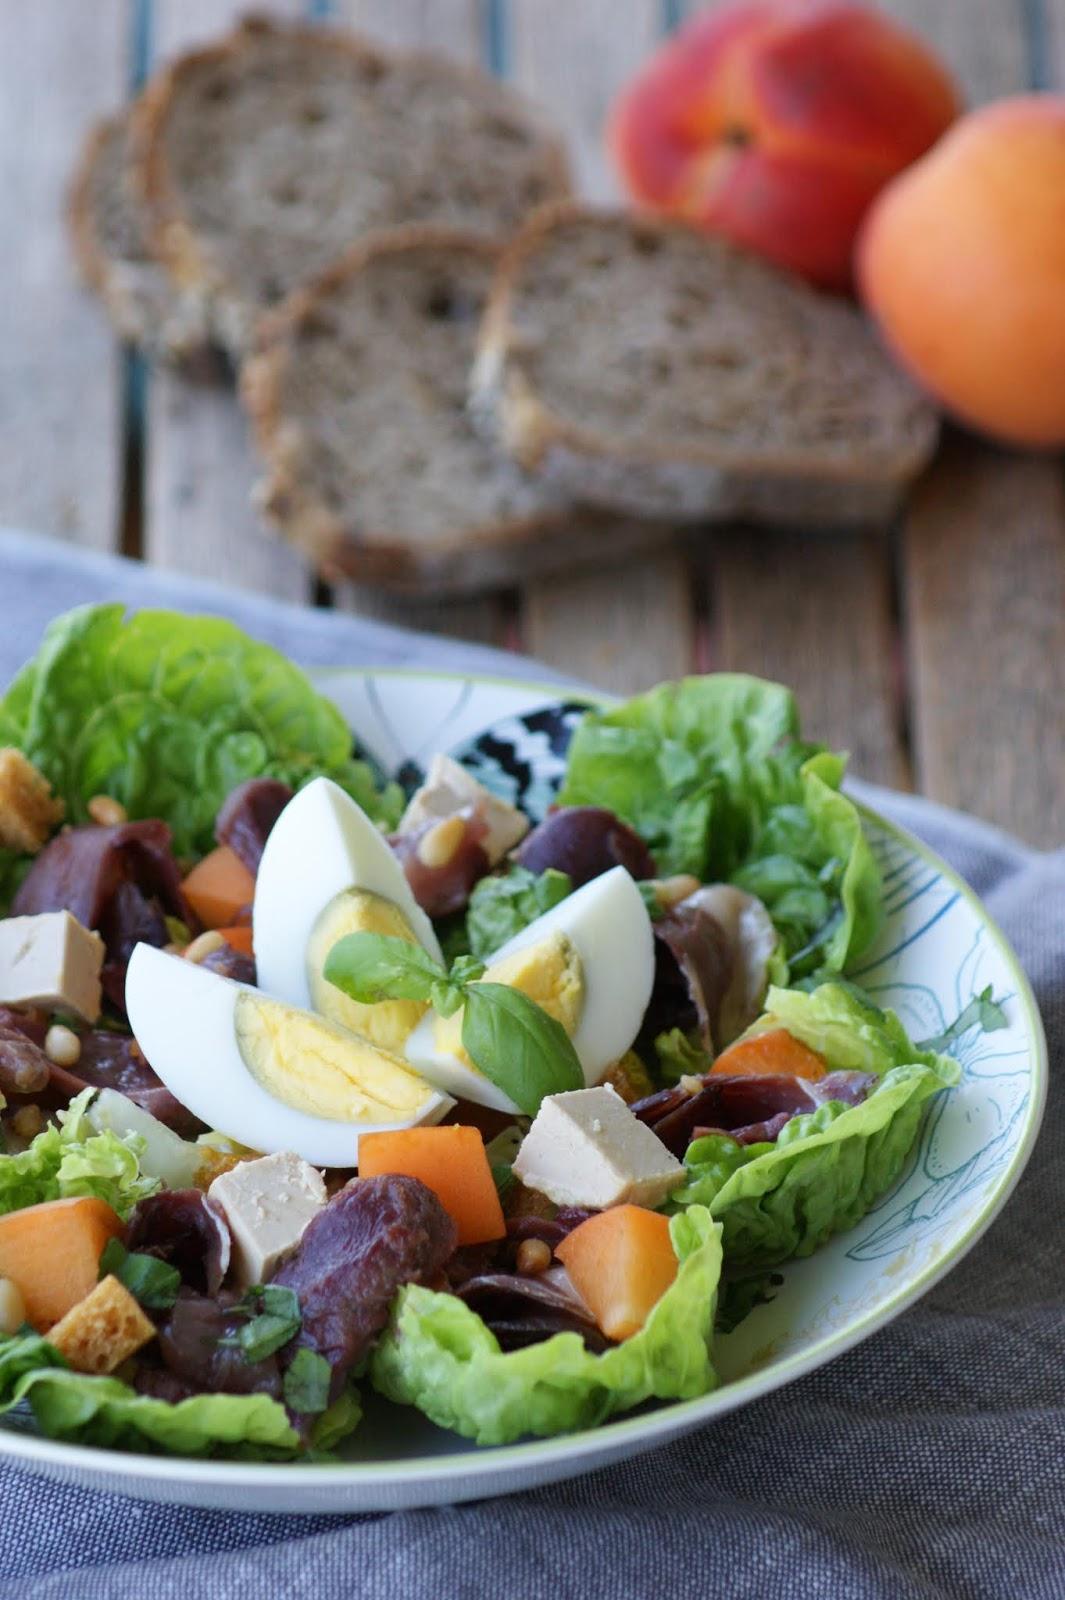 Salade Périgourdine Recette Cyril Lignac : salade, périgourdine, recette, cyril, lignac, Afternoon, Salade, Périgourdine, Façon